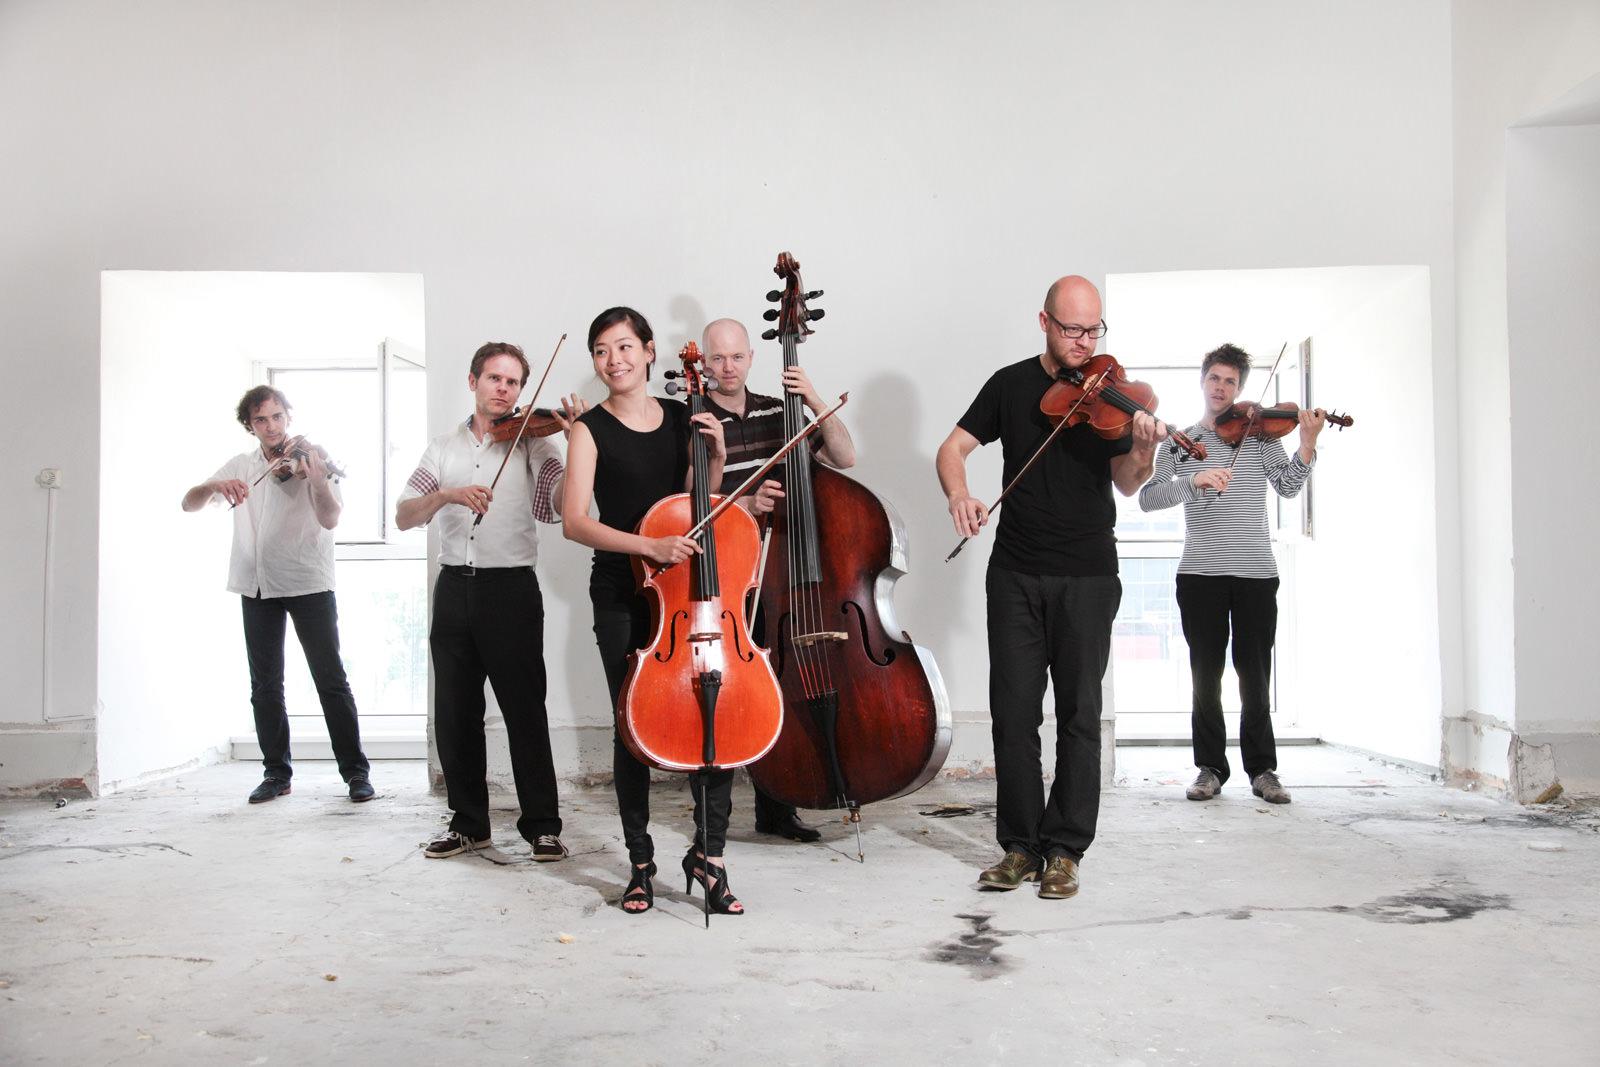 Musiker des Ensemble Resonanz auf der Baustelle des Resonanzraums.